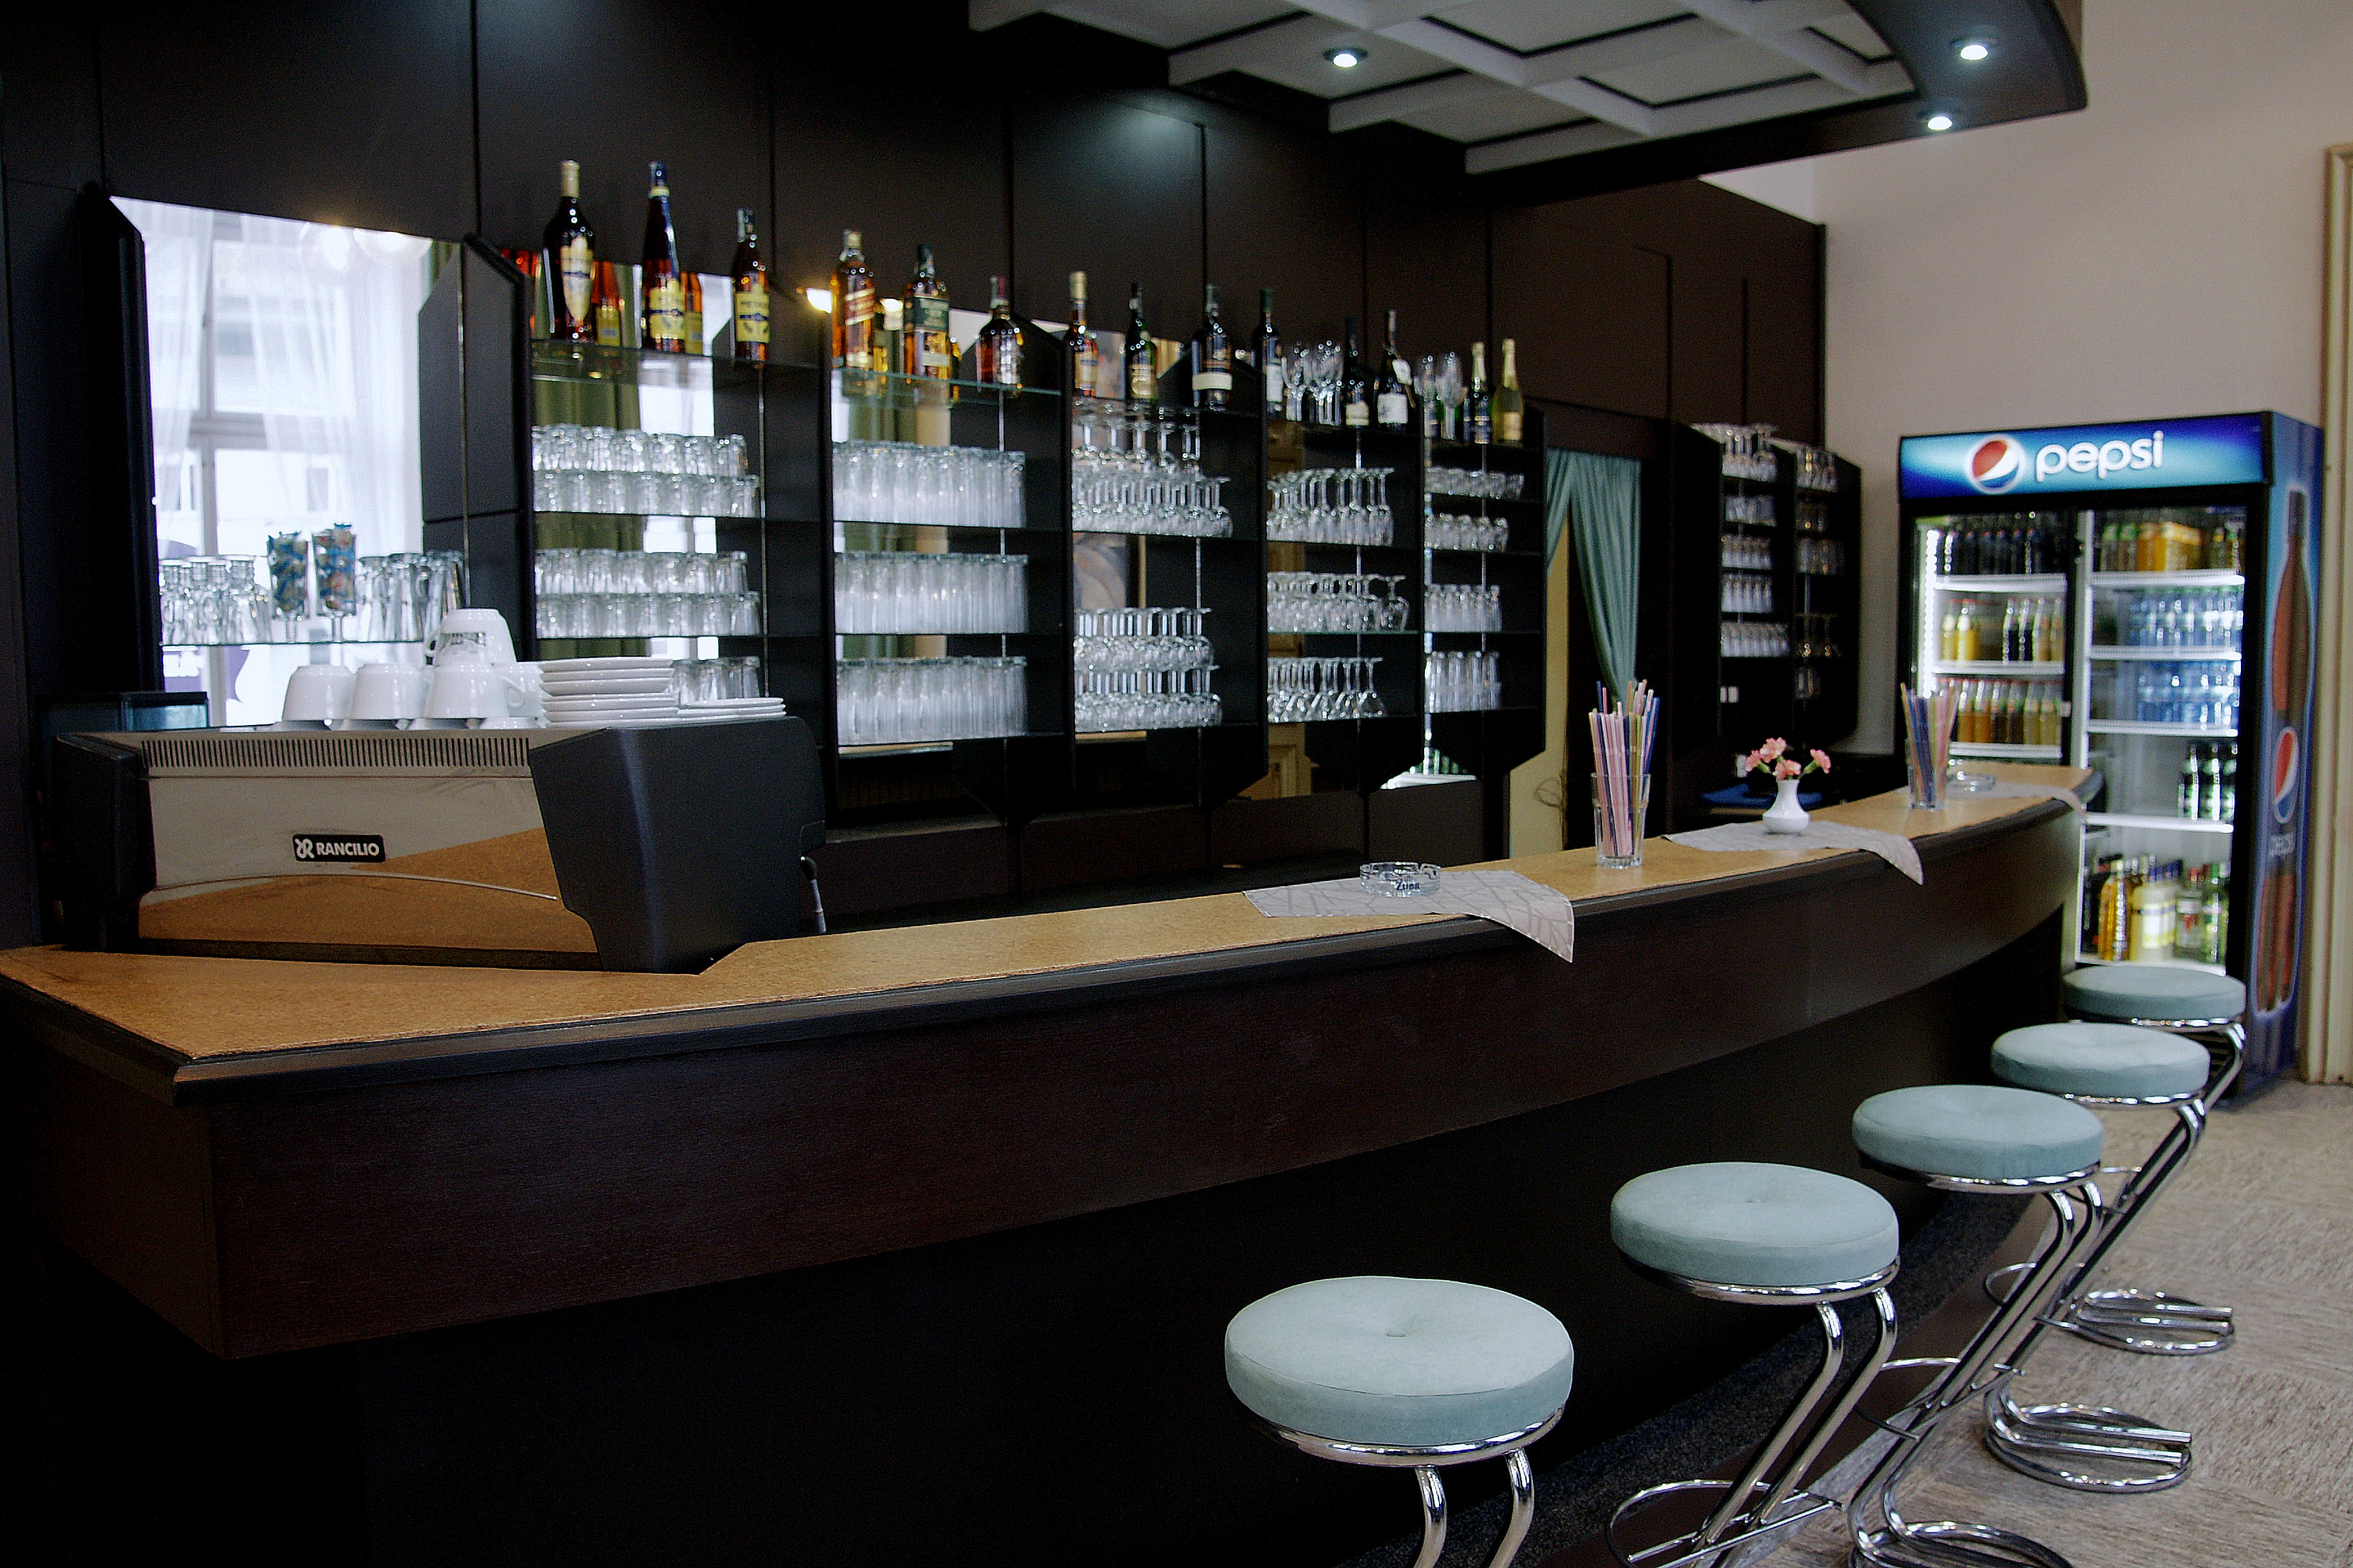 Interiér kavárny, obrázek se otevře v novém okně